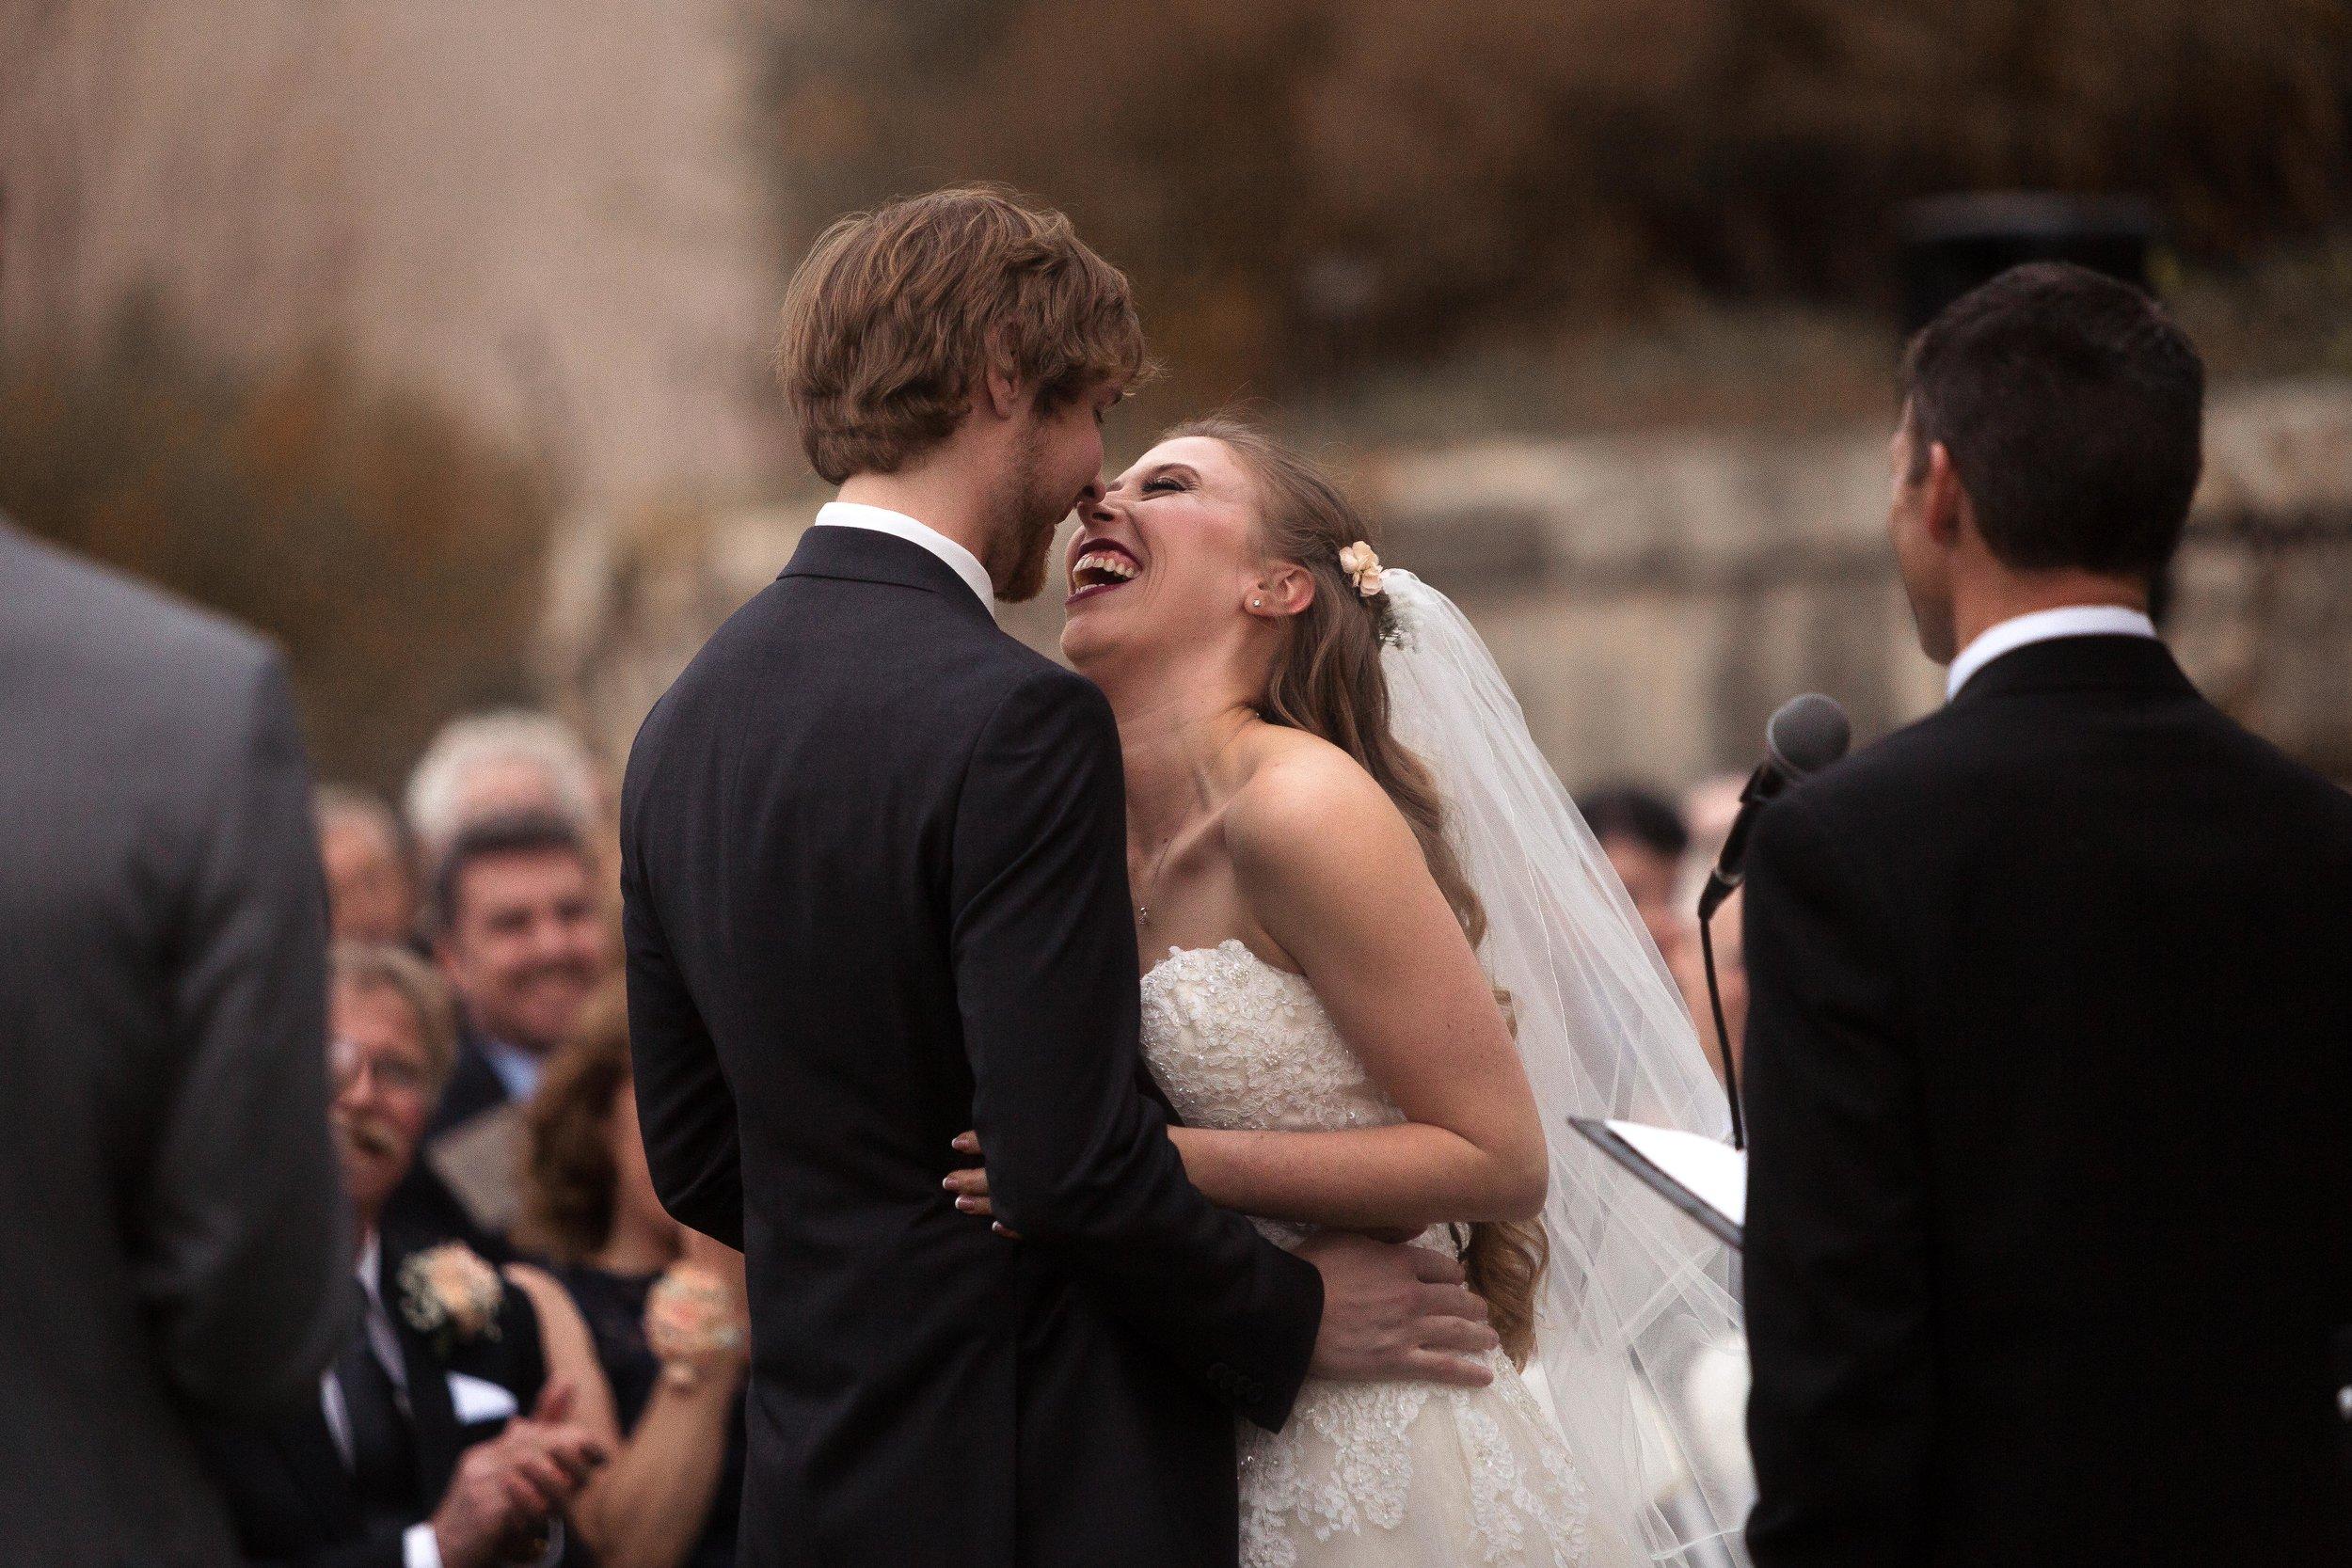 C_Wedding_Spellman, Megan & Tyler_10.27.18-1649.JPG